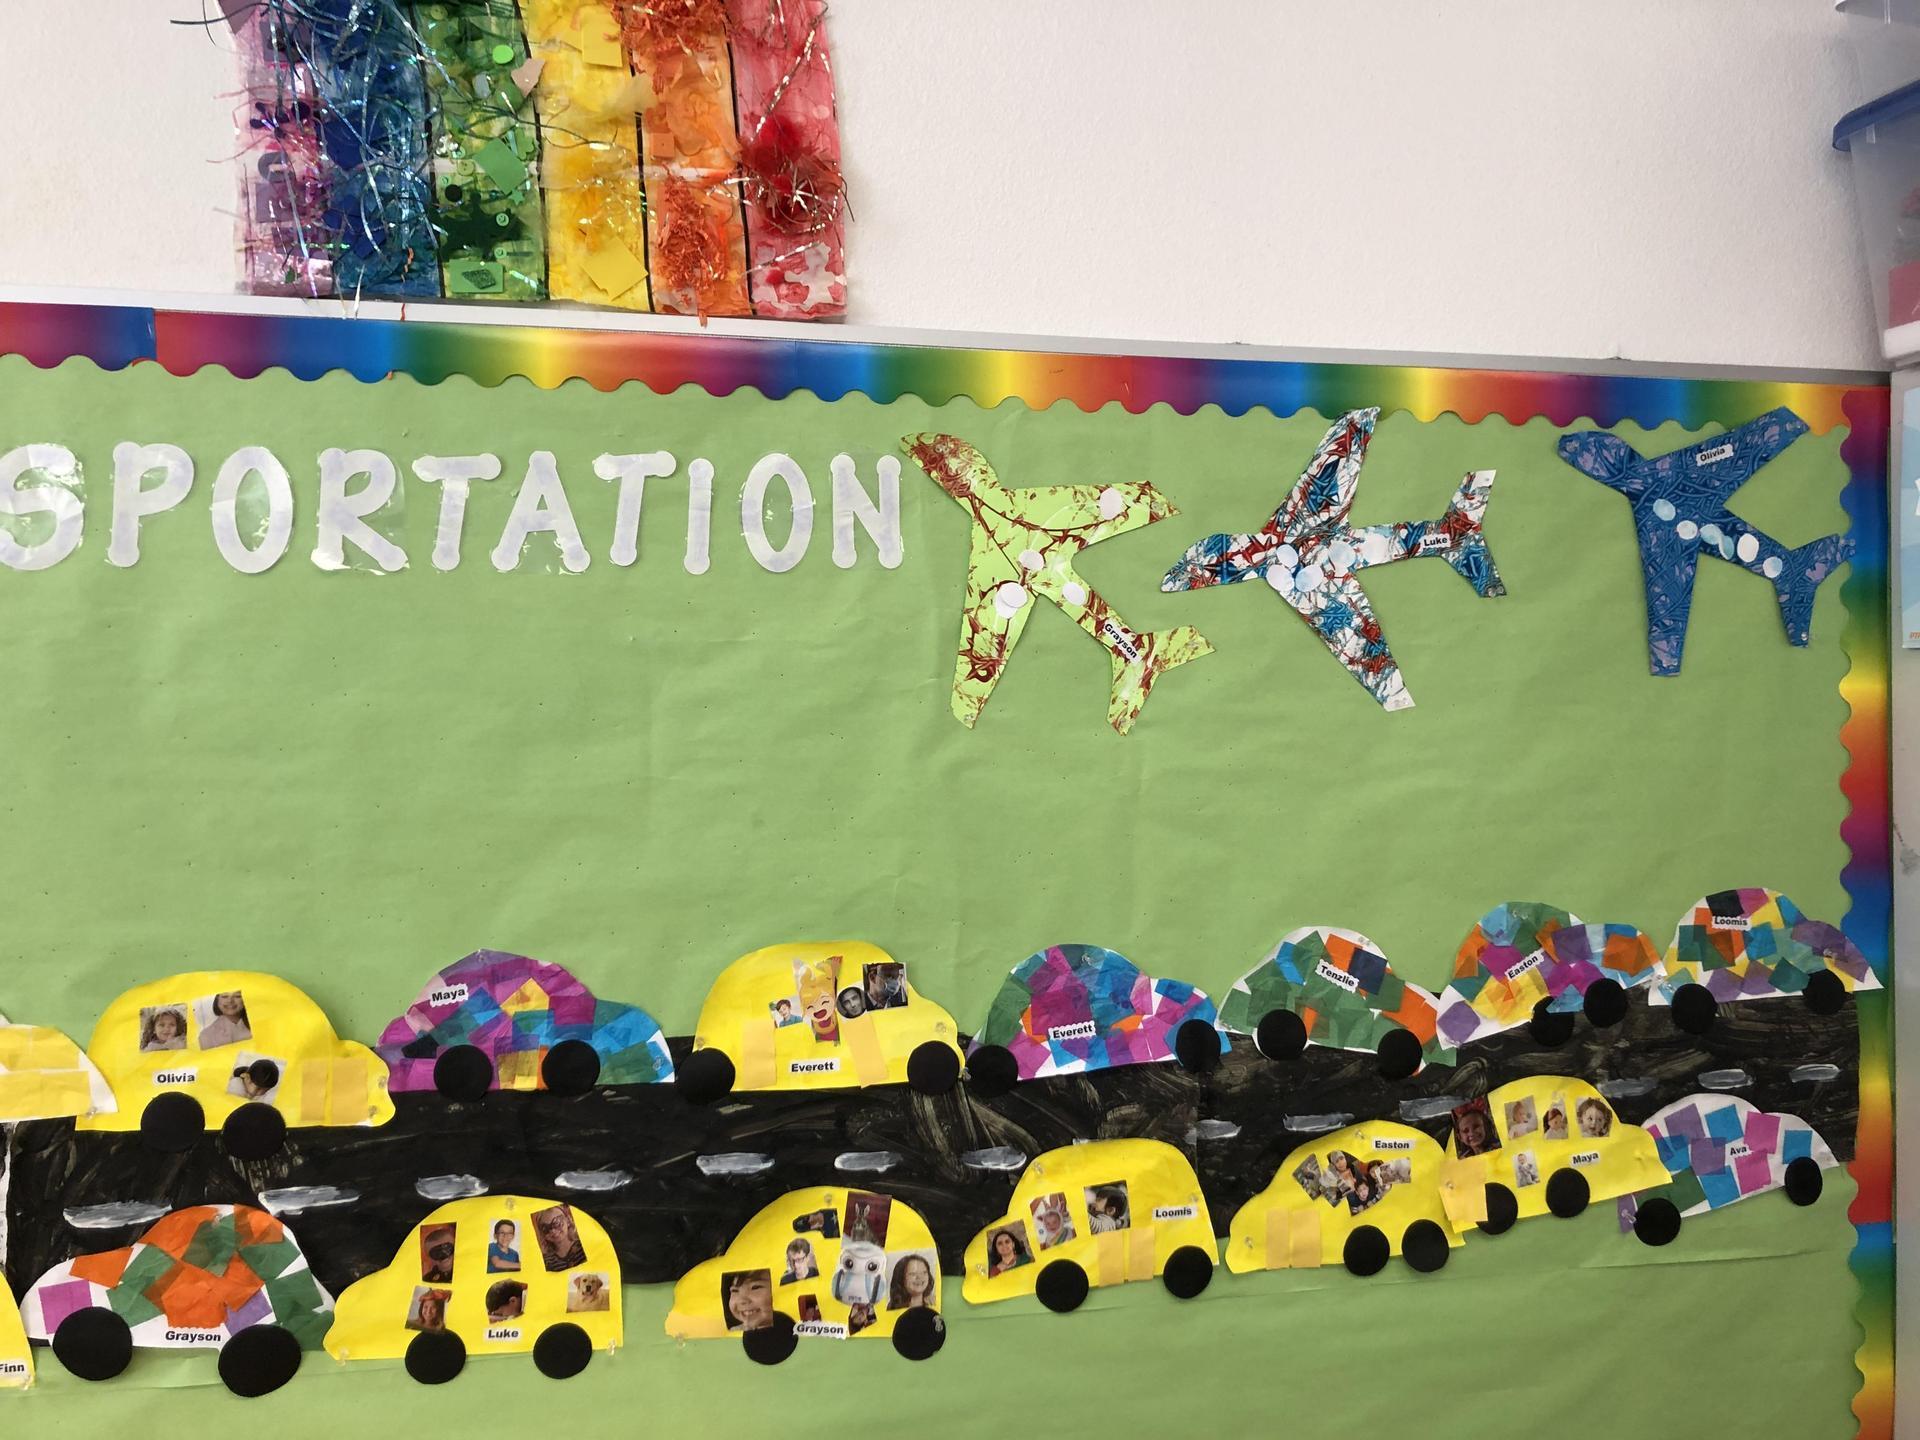 Transportation display